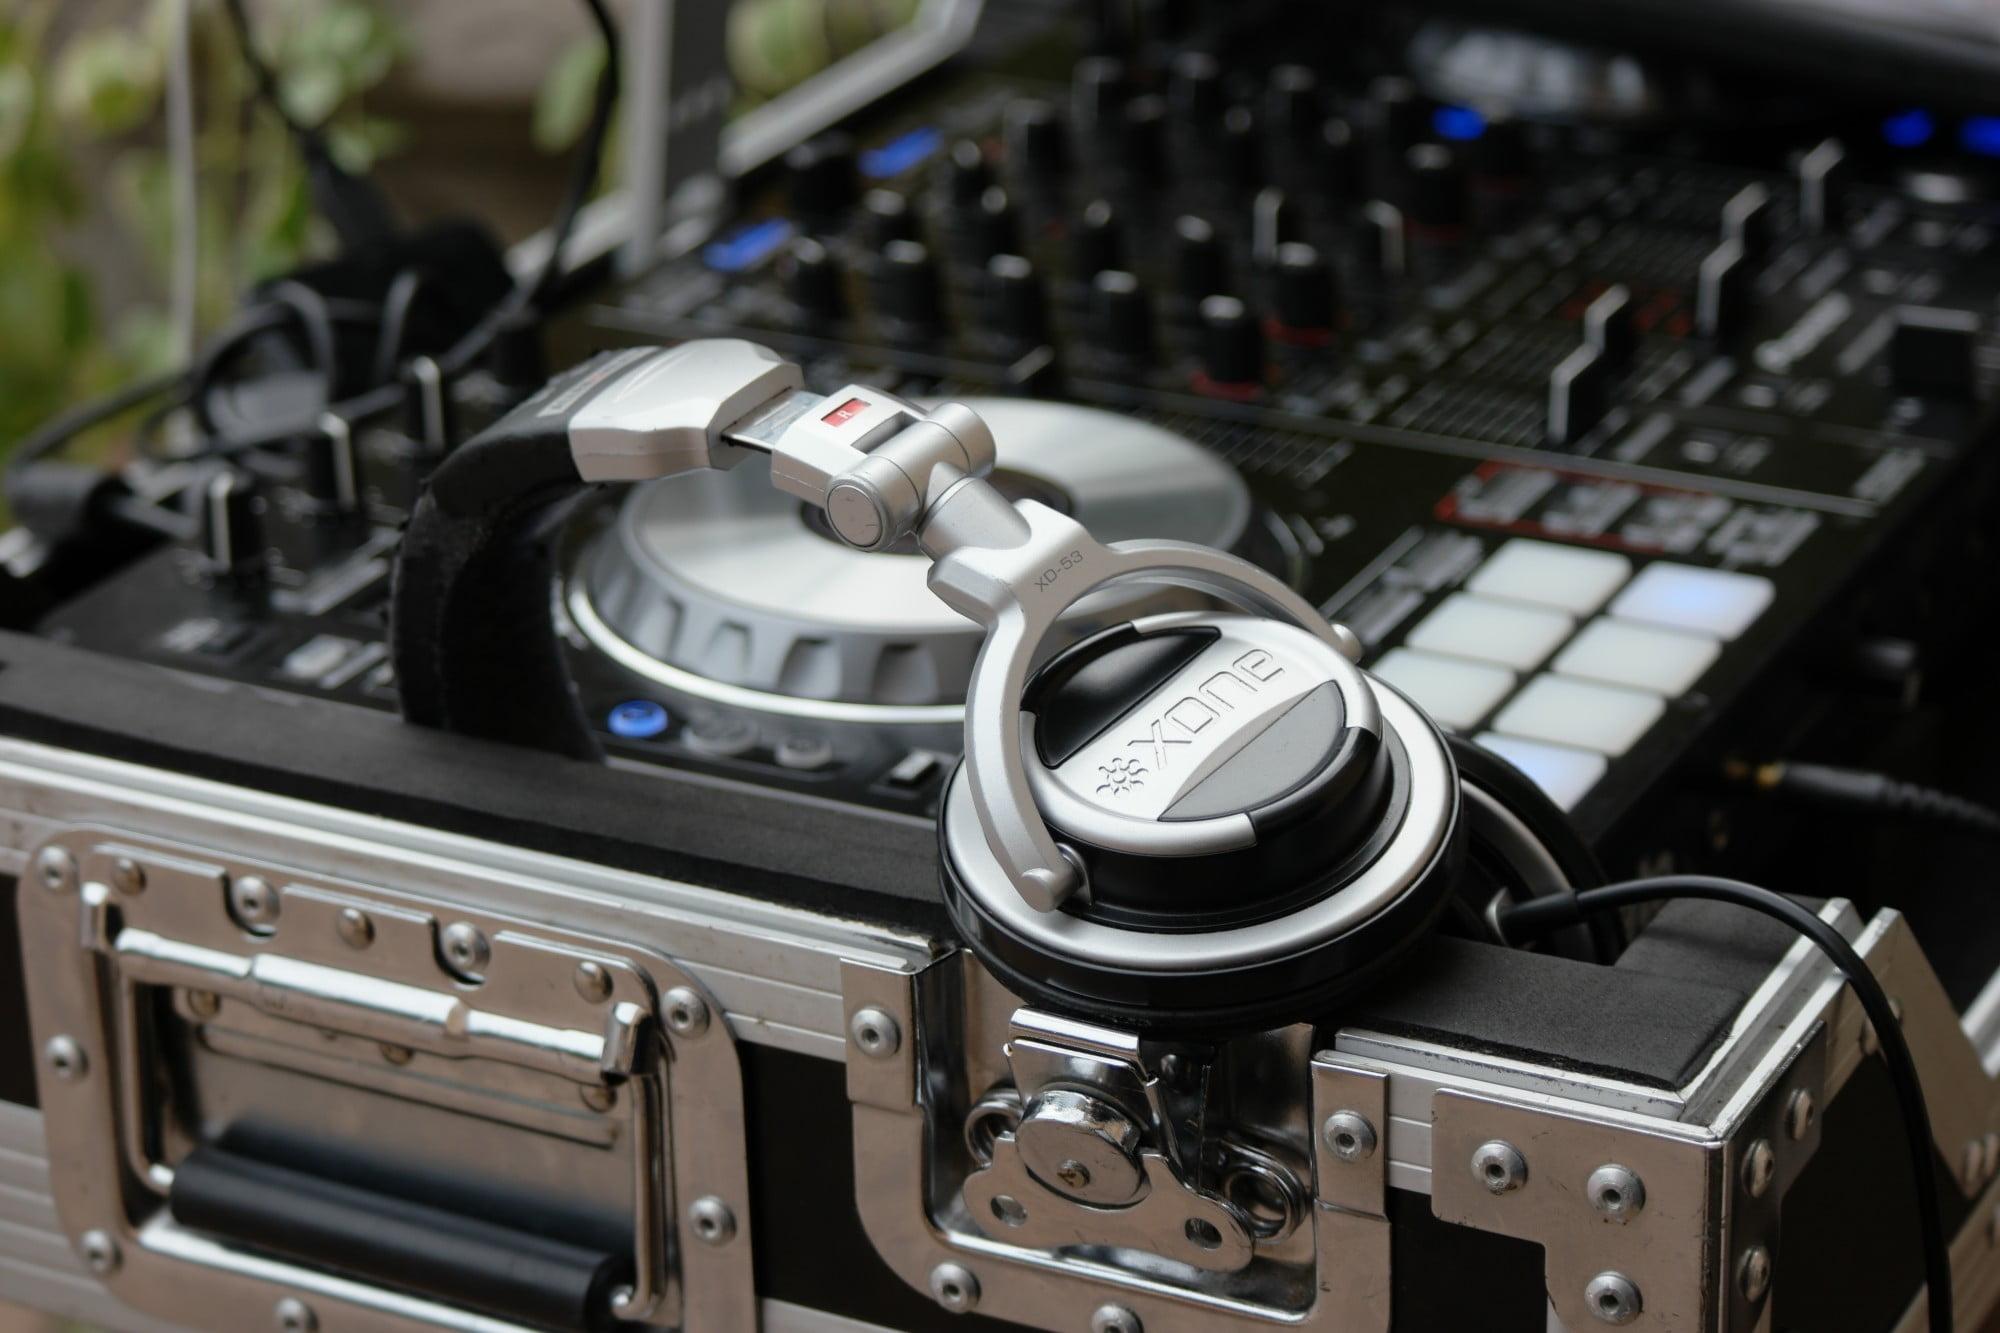 DJ soundboard with headphones